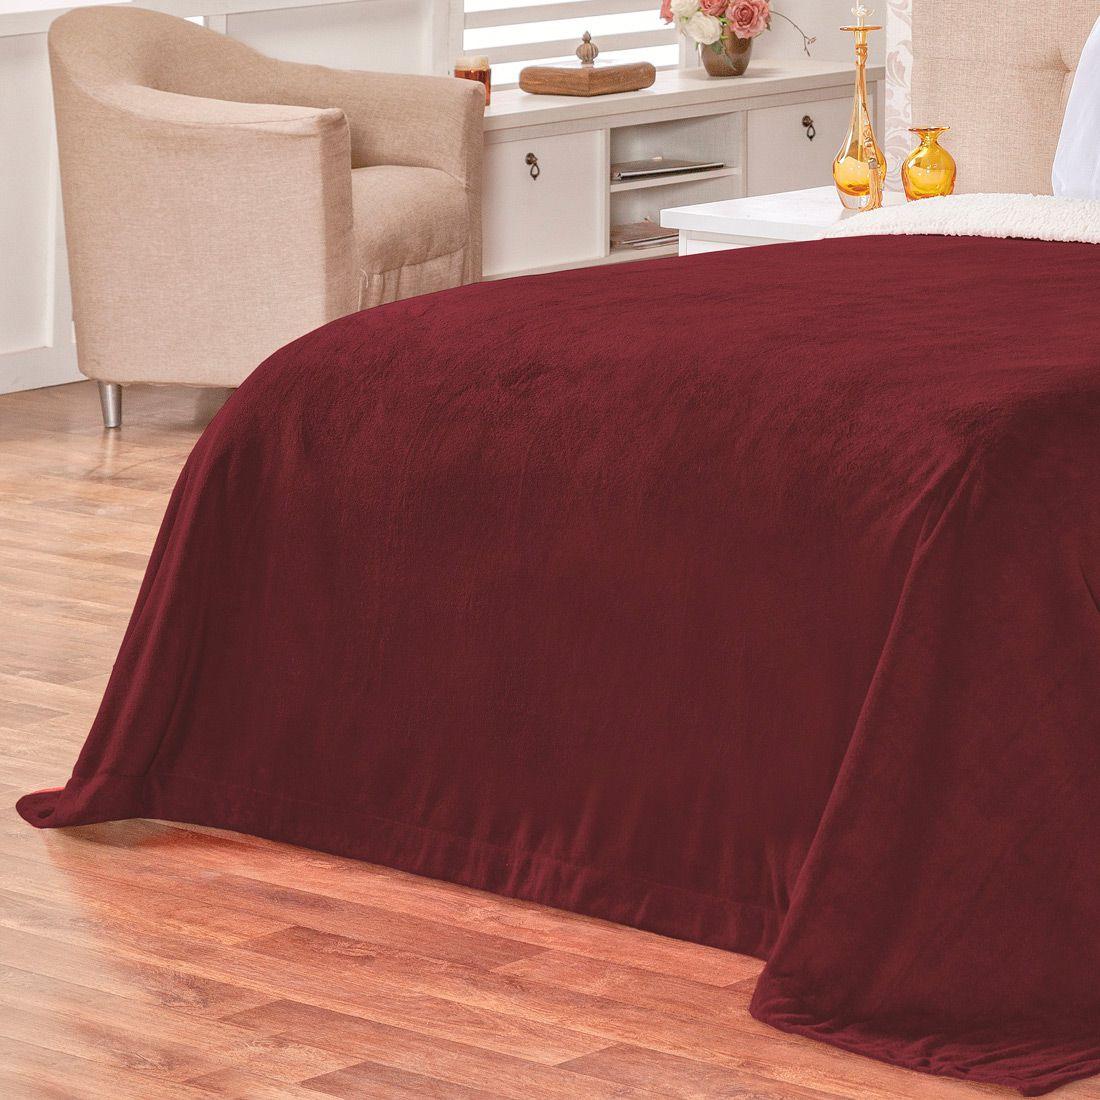 Cobertor Malmo Vinho Dupla Face Queen - Tecido Sherpa e Manta Microfibra